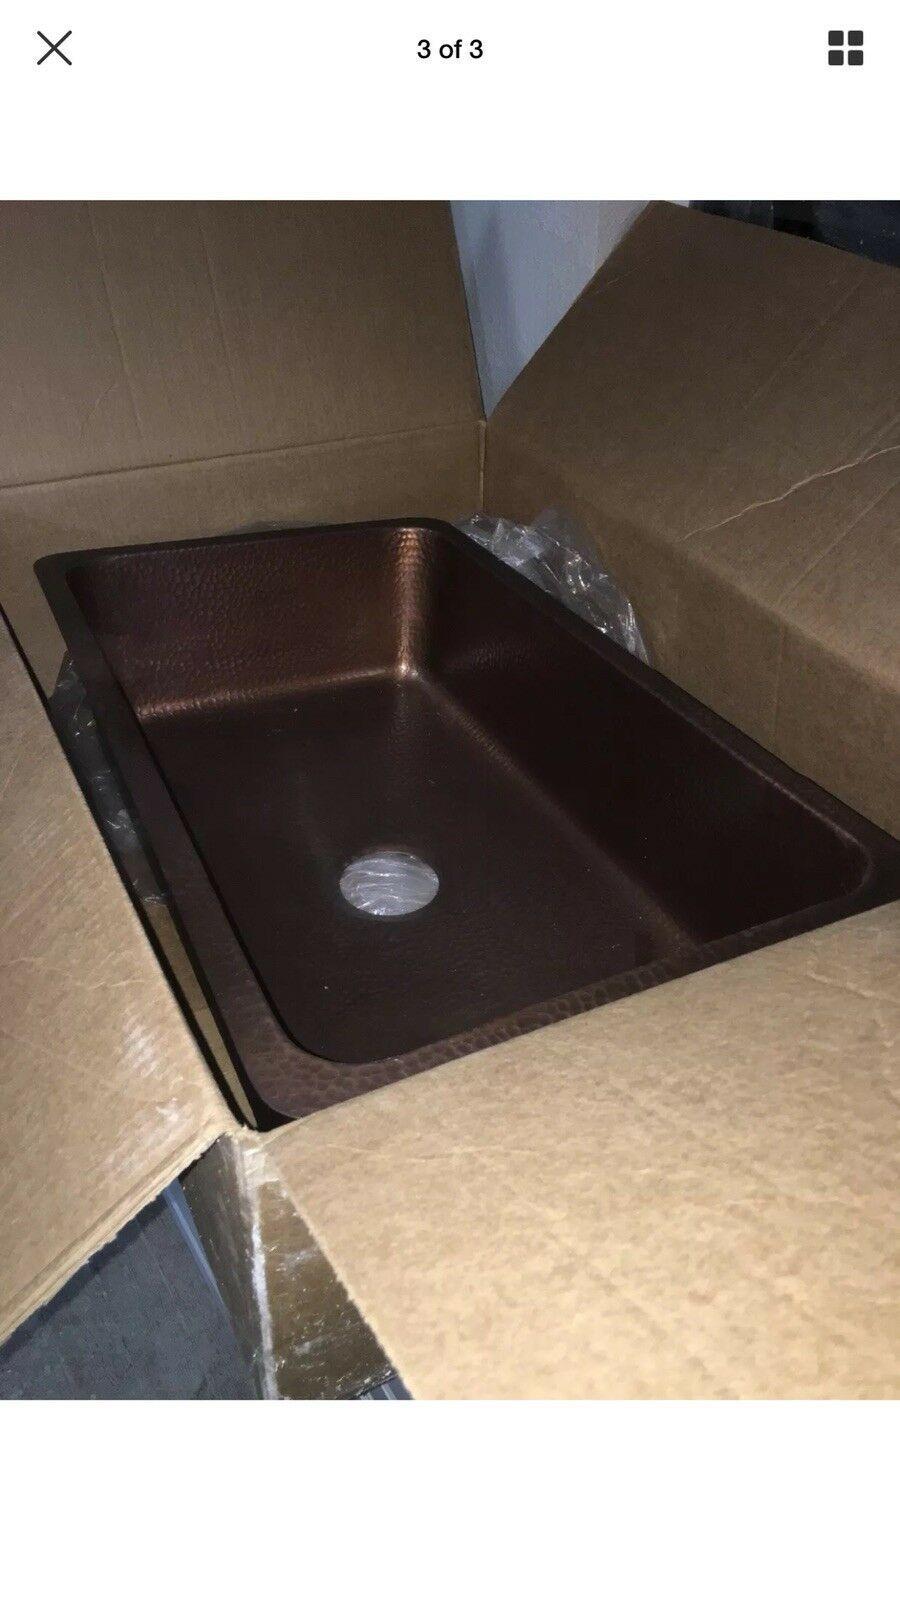 """Sinkology Farmhouse Drop In Kitchen Copper Sink 33"""" x 22"""